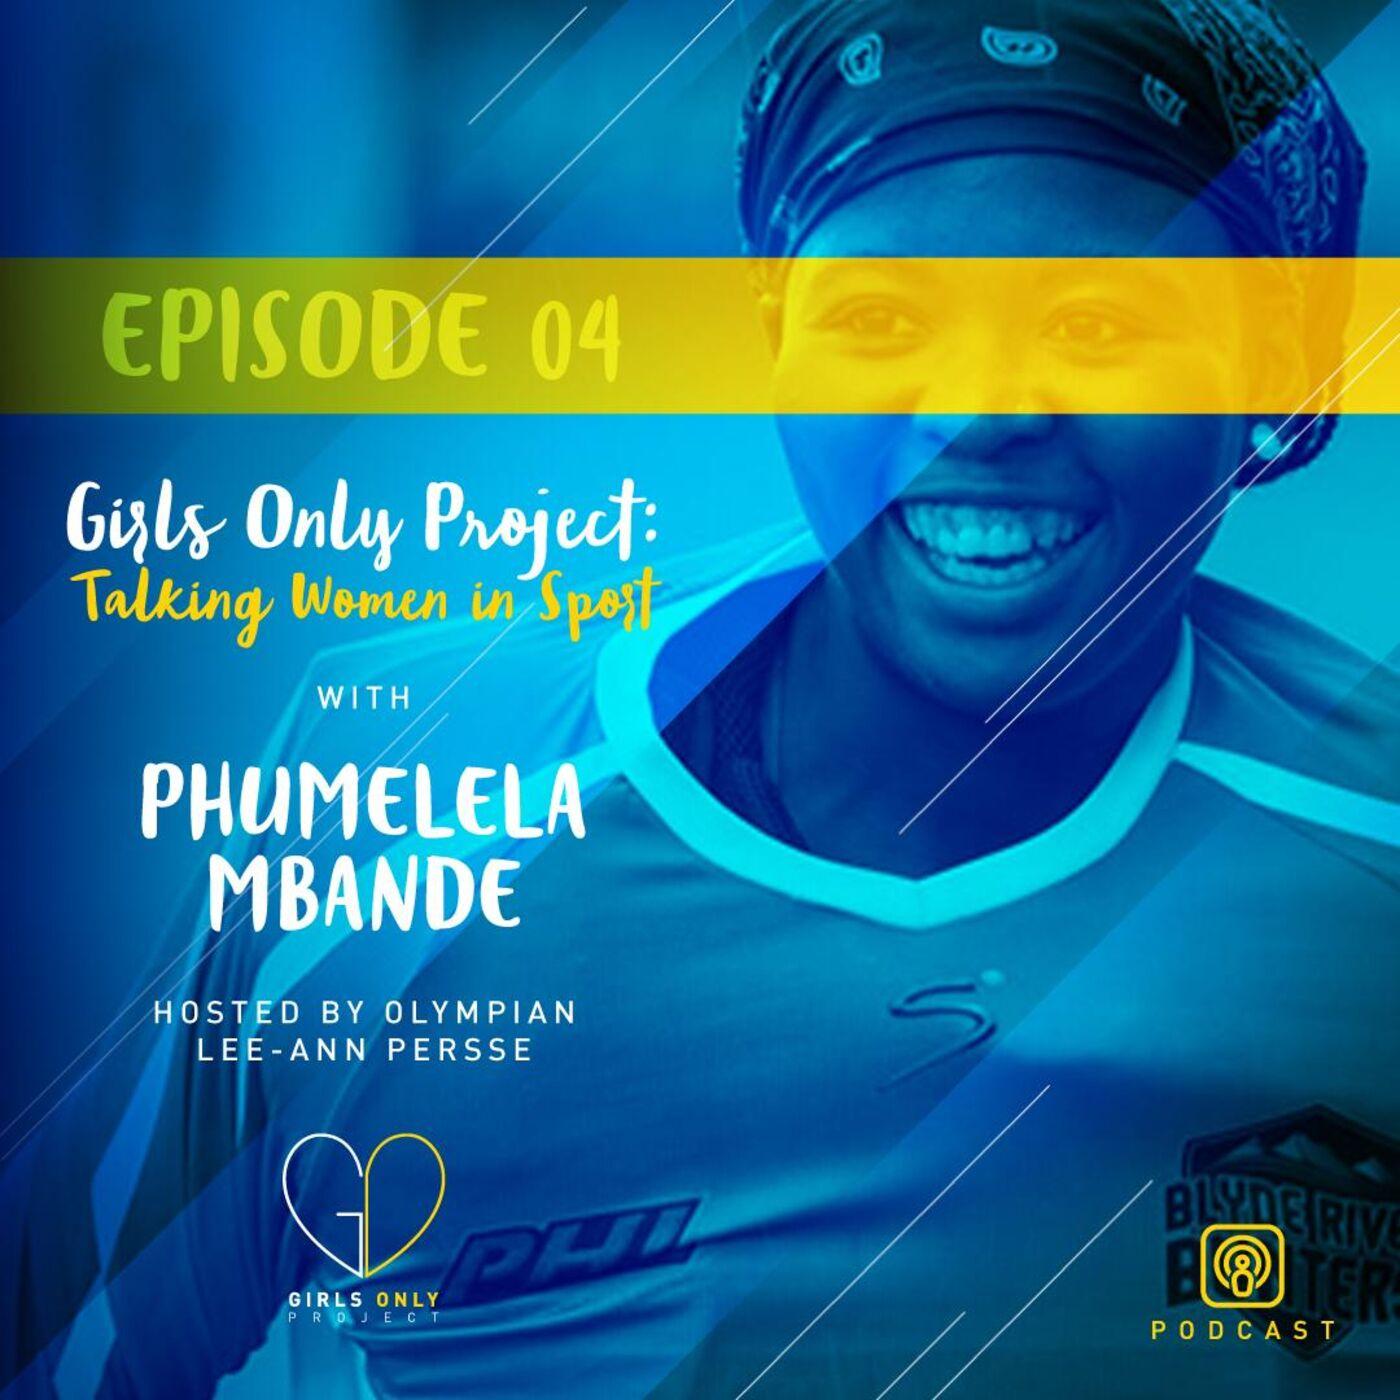 Phumelela Mbande